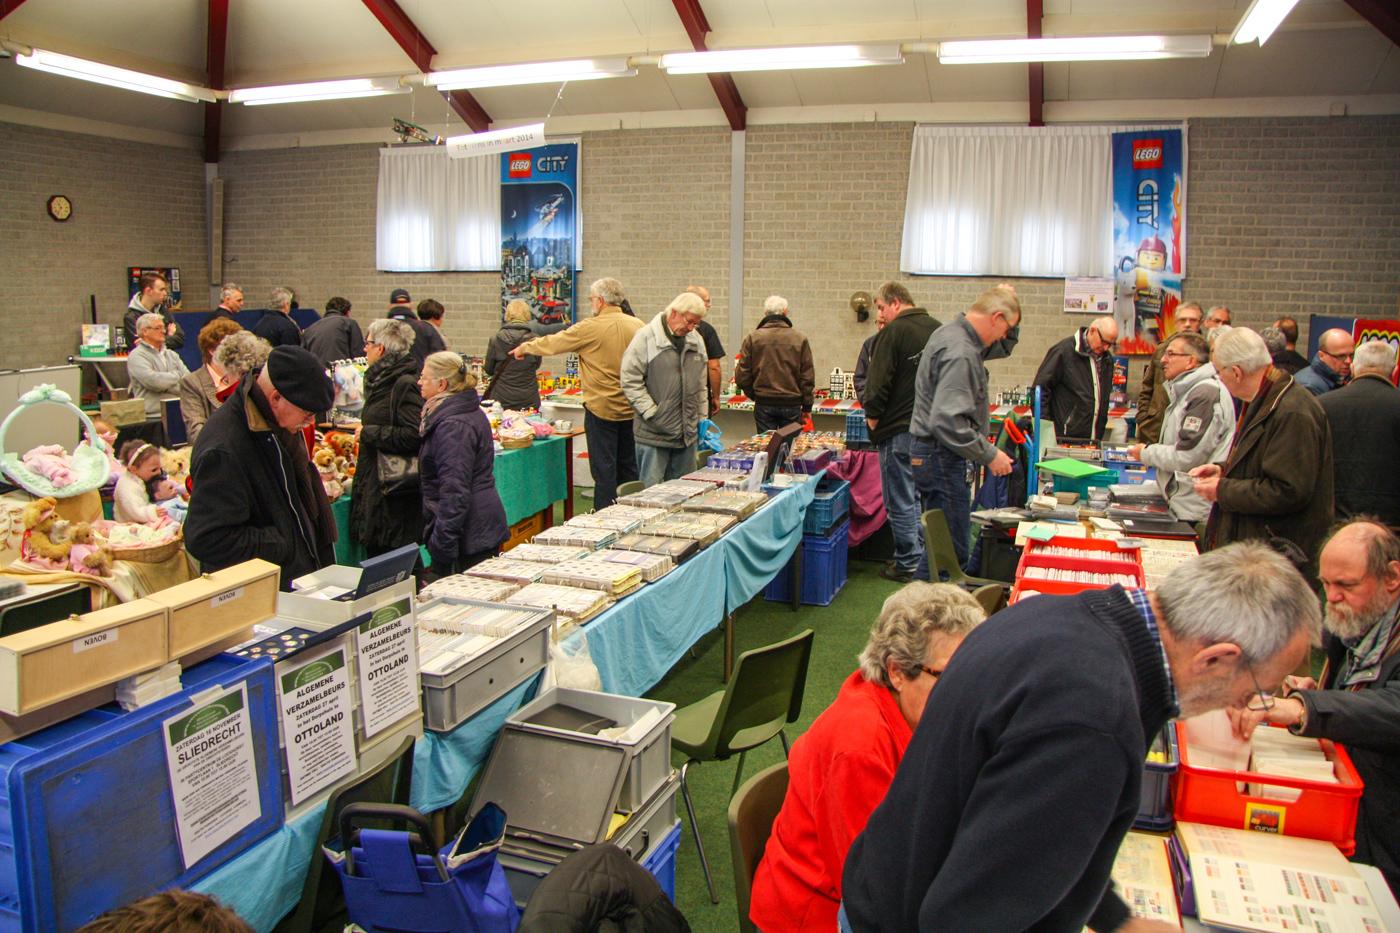 Internationale verzamelbeurs en Curiosamarkt in Nieuwegein op zaterdag 17 en zondag 18 maart 2018   Nieuwegein 2018 @ Nieuwegein   Nieuwegein   Utrecht   Nederland